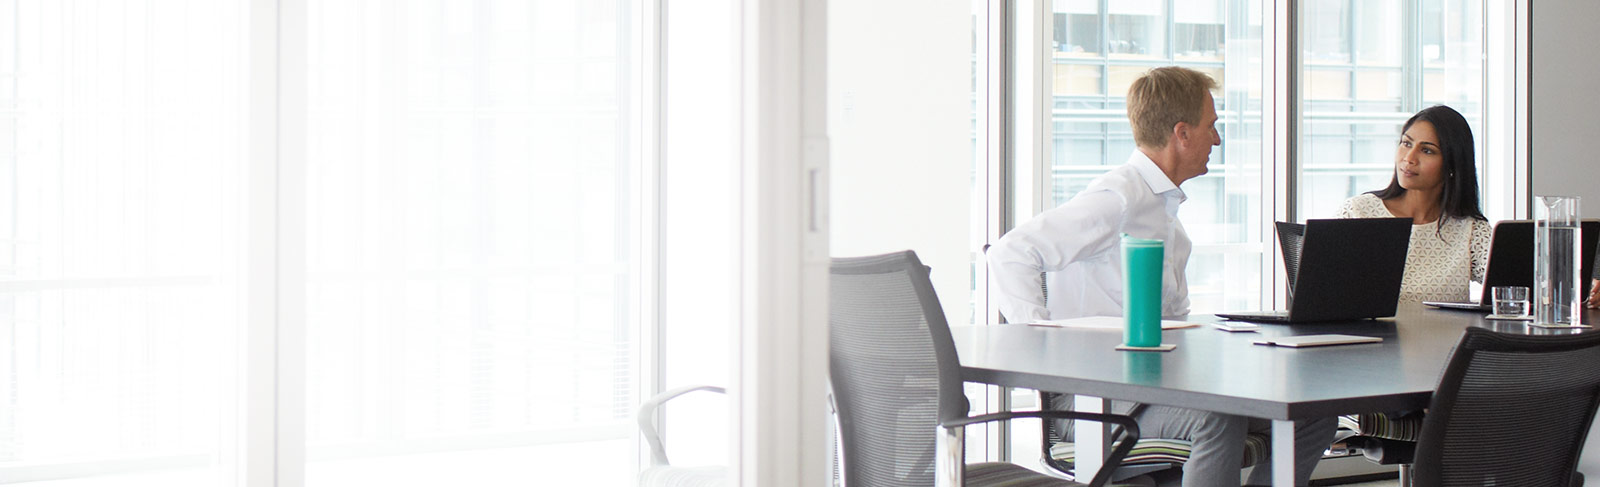 To arbeidere med bærbare PC-er som sitter i et konferanserom og bruker Office 365 Enterprise E3.